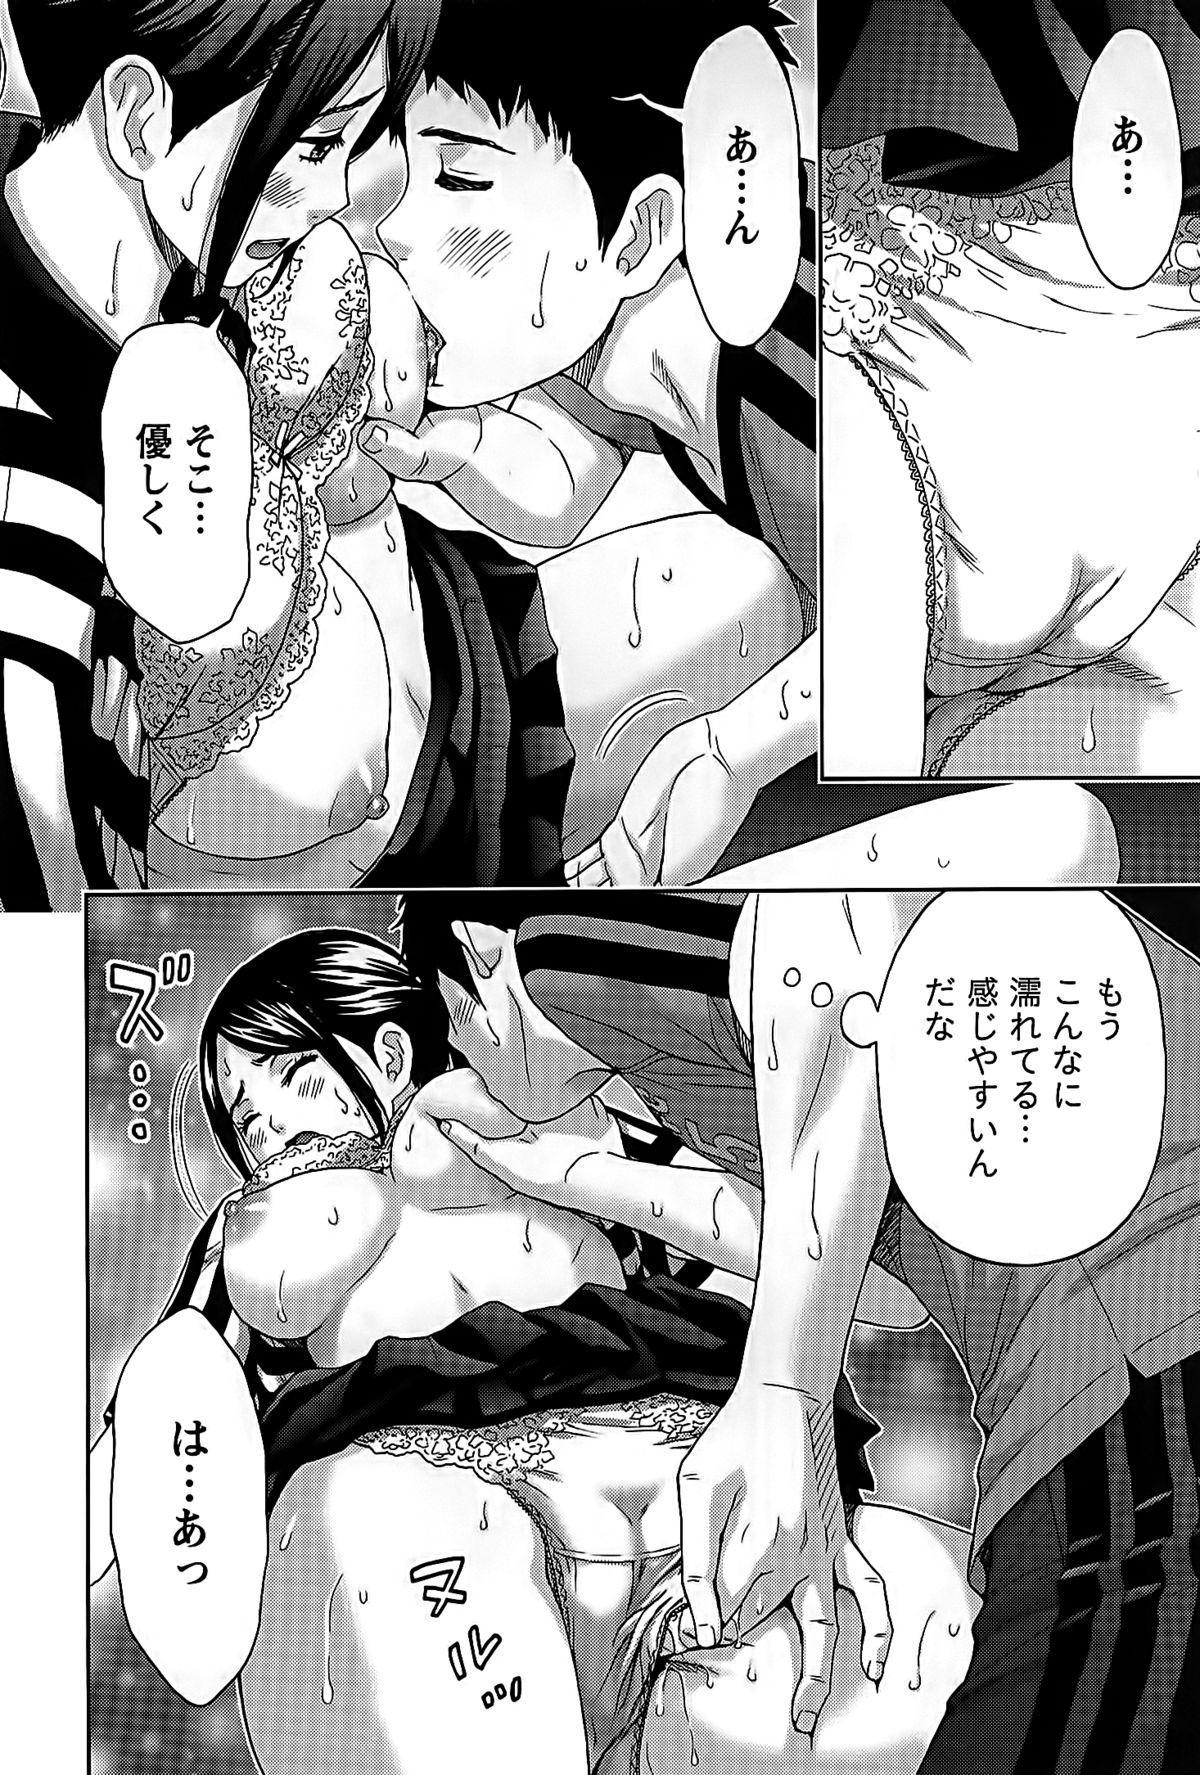 Shittori Lady to Amai Mitsu 140